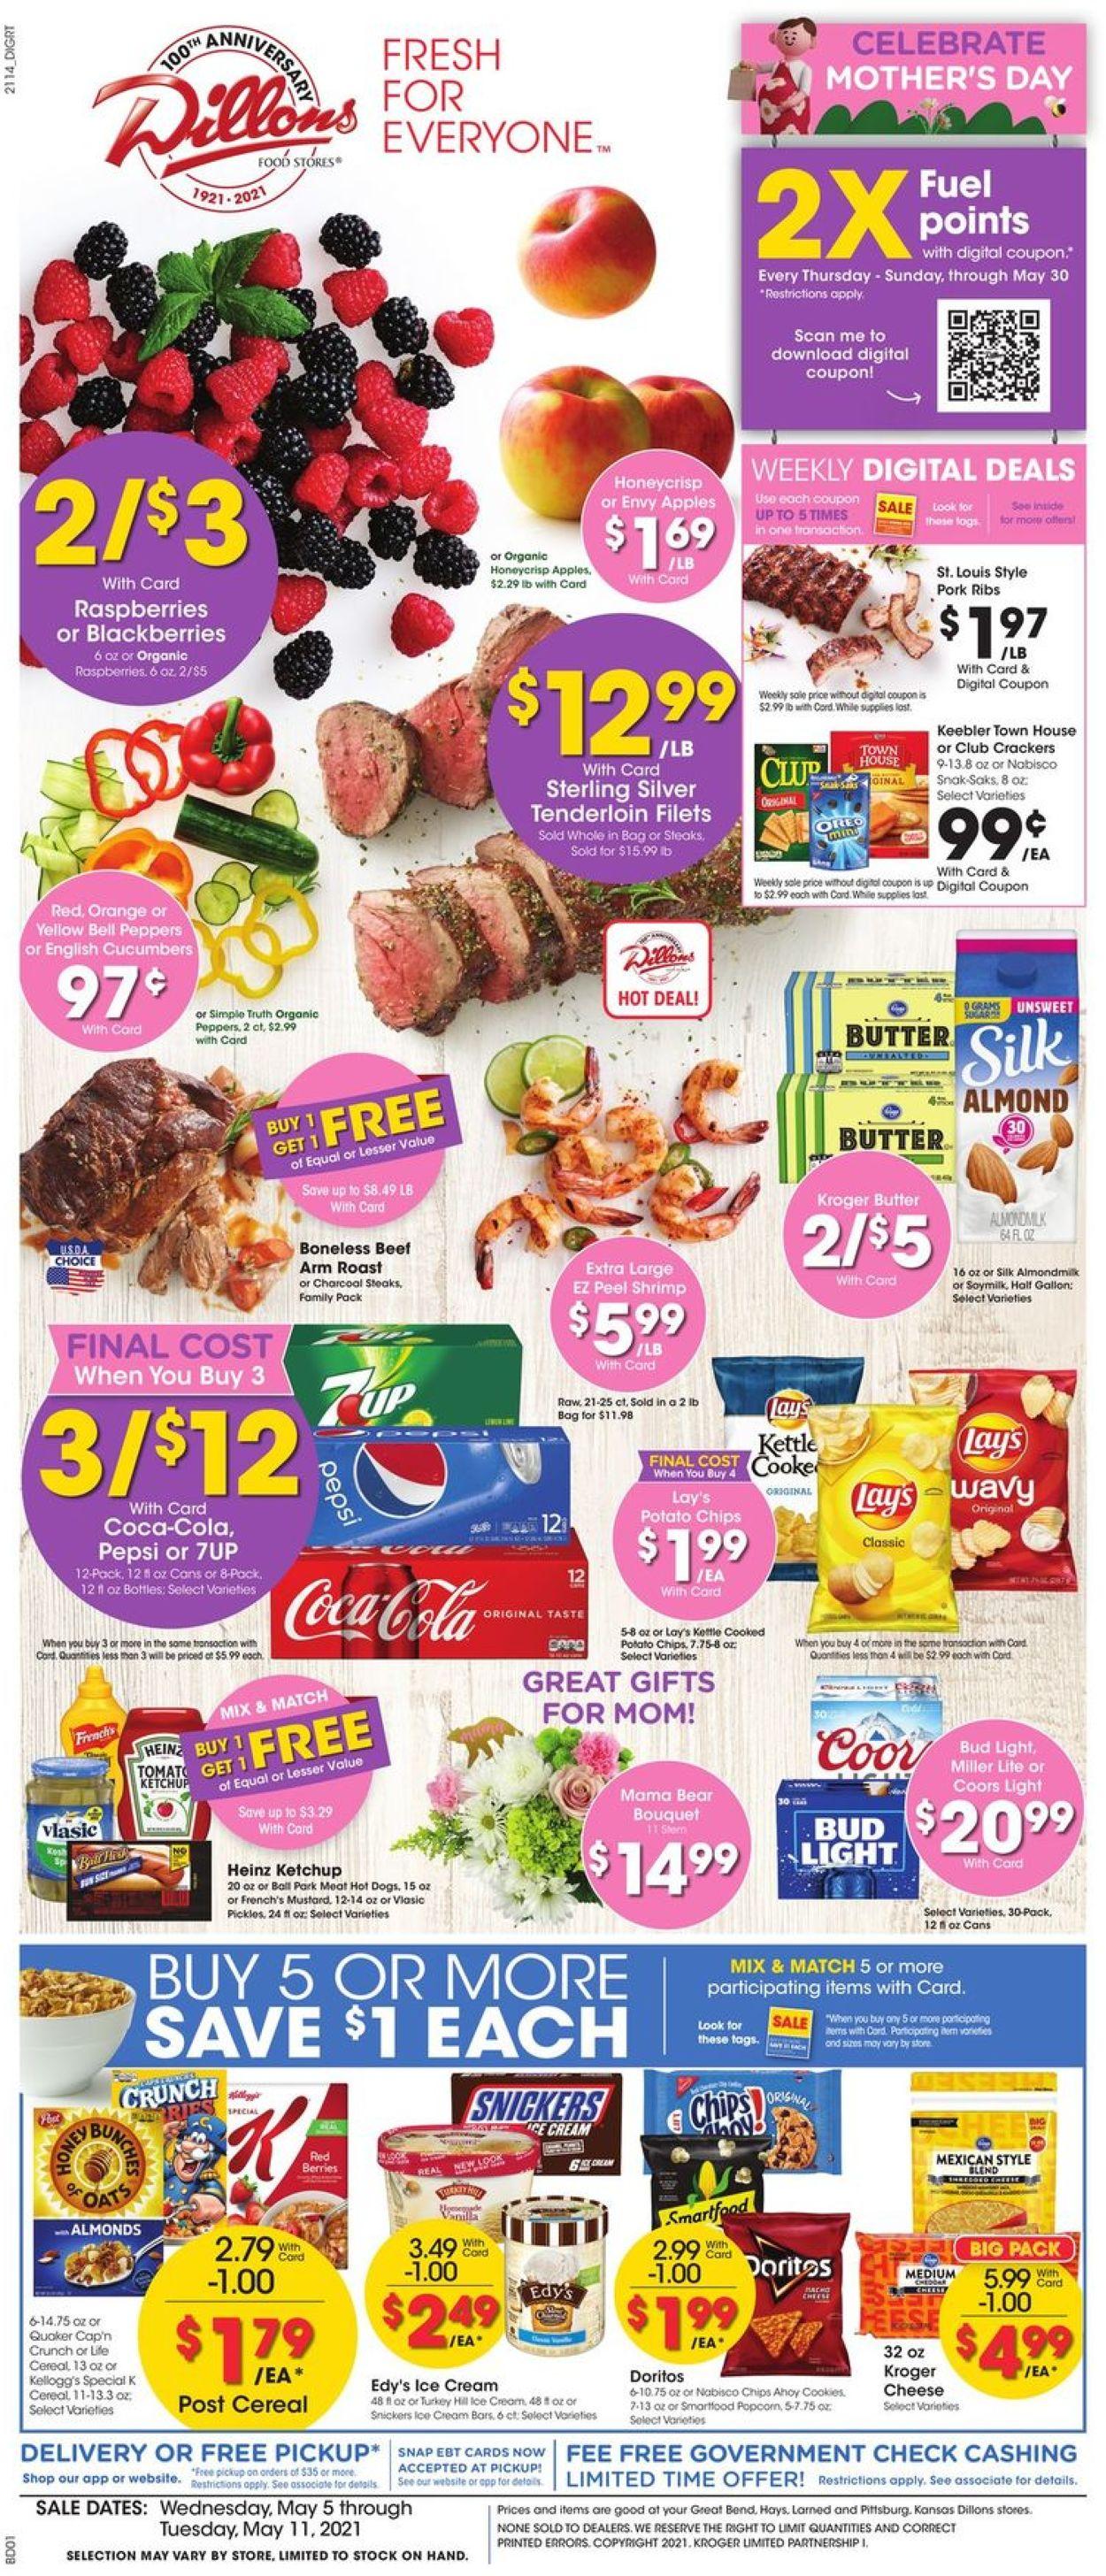 Dillons Weekly Ad Circular - valid 05/05-05/11/2021